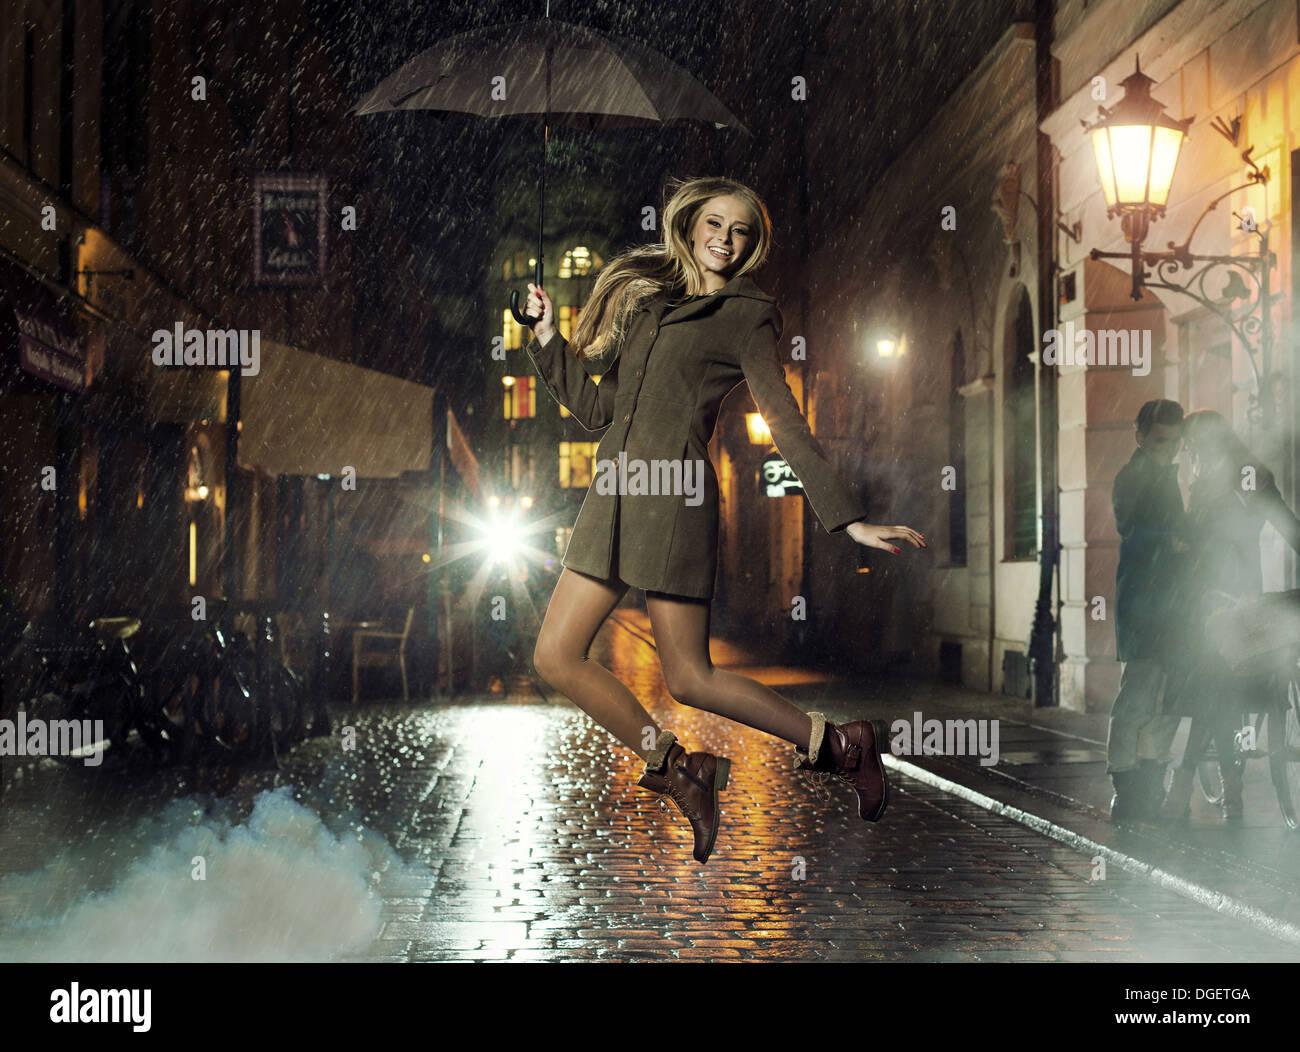 Foto fantástica de atractiva dama saltando en Heavy Rain Imagen De Stock